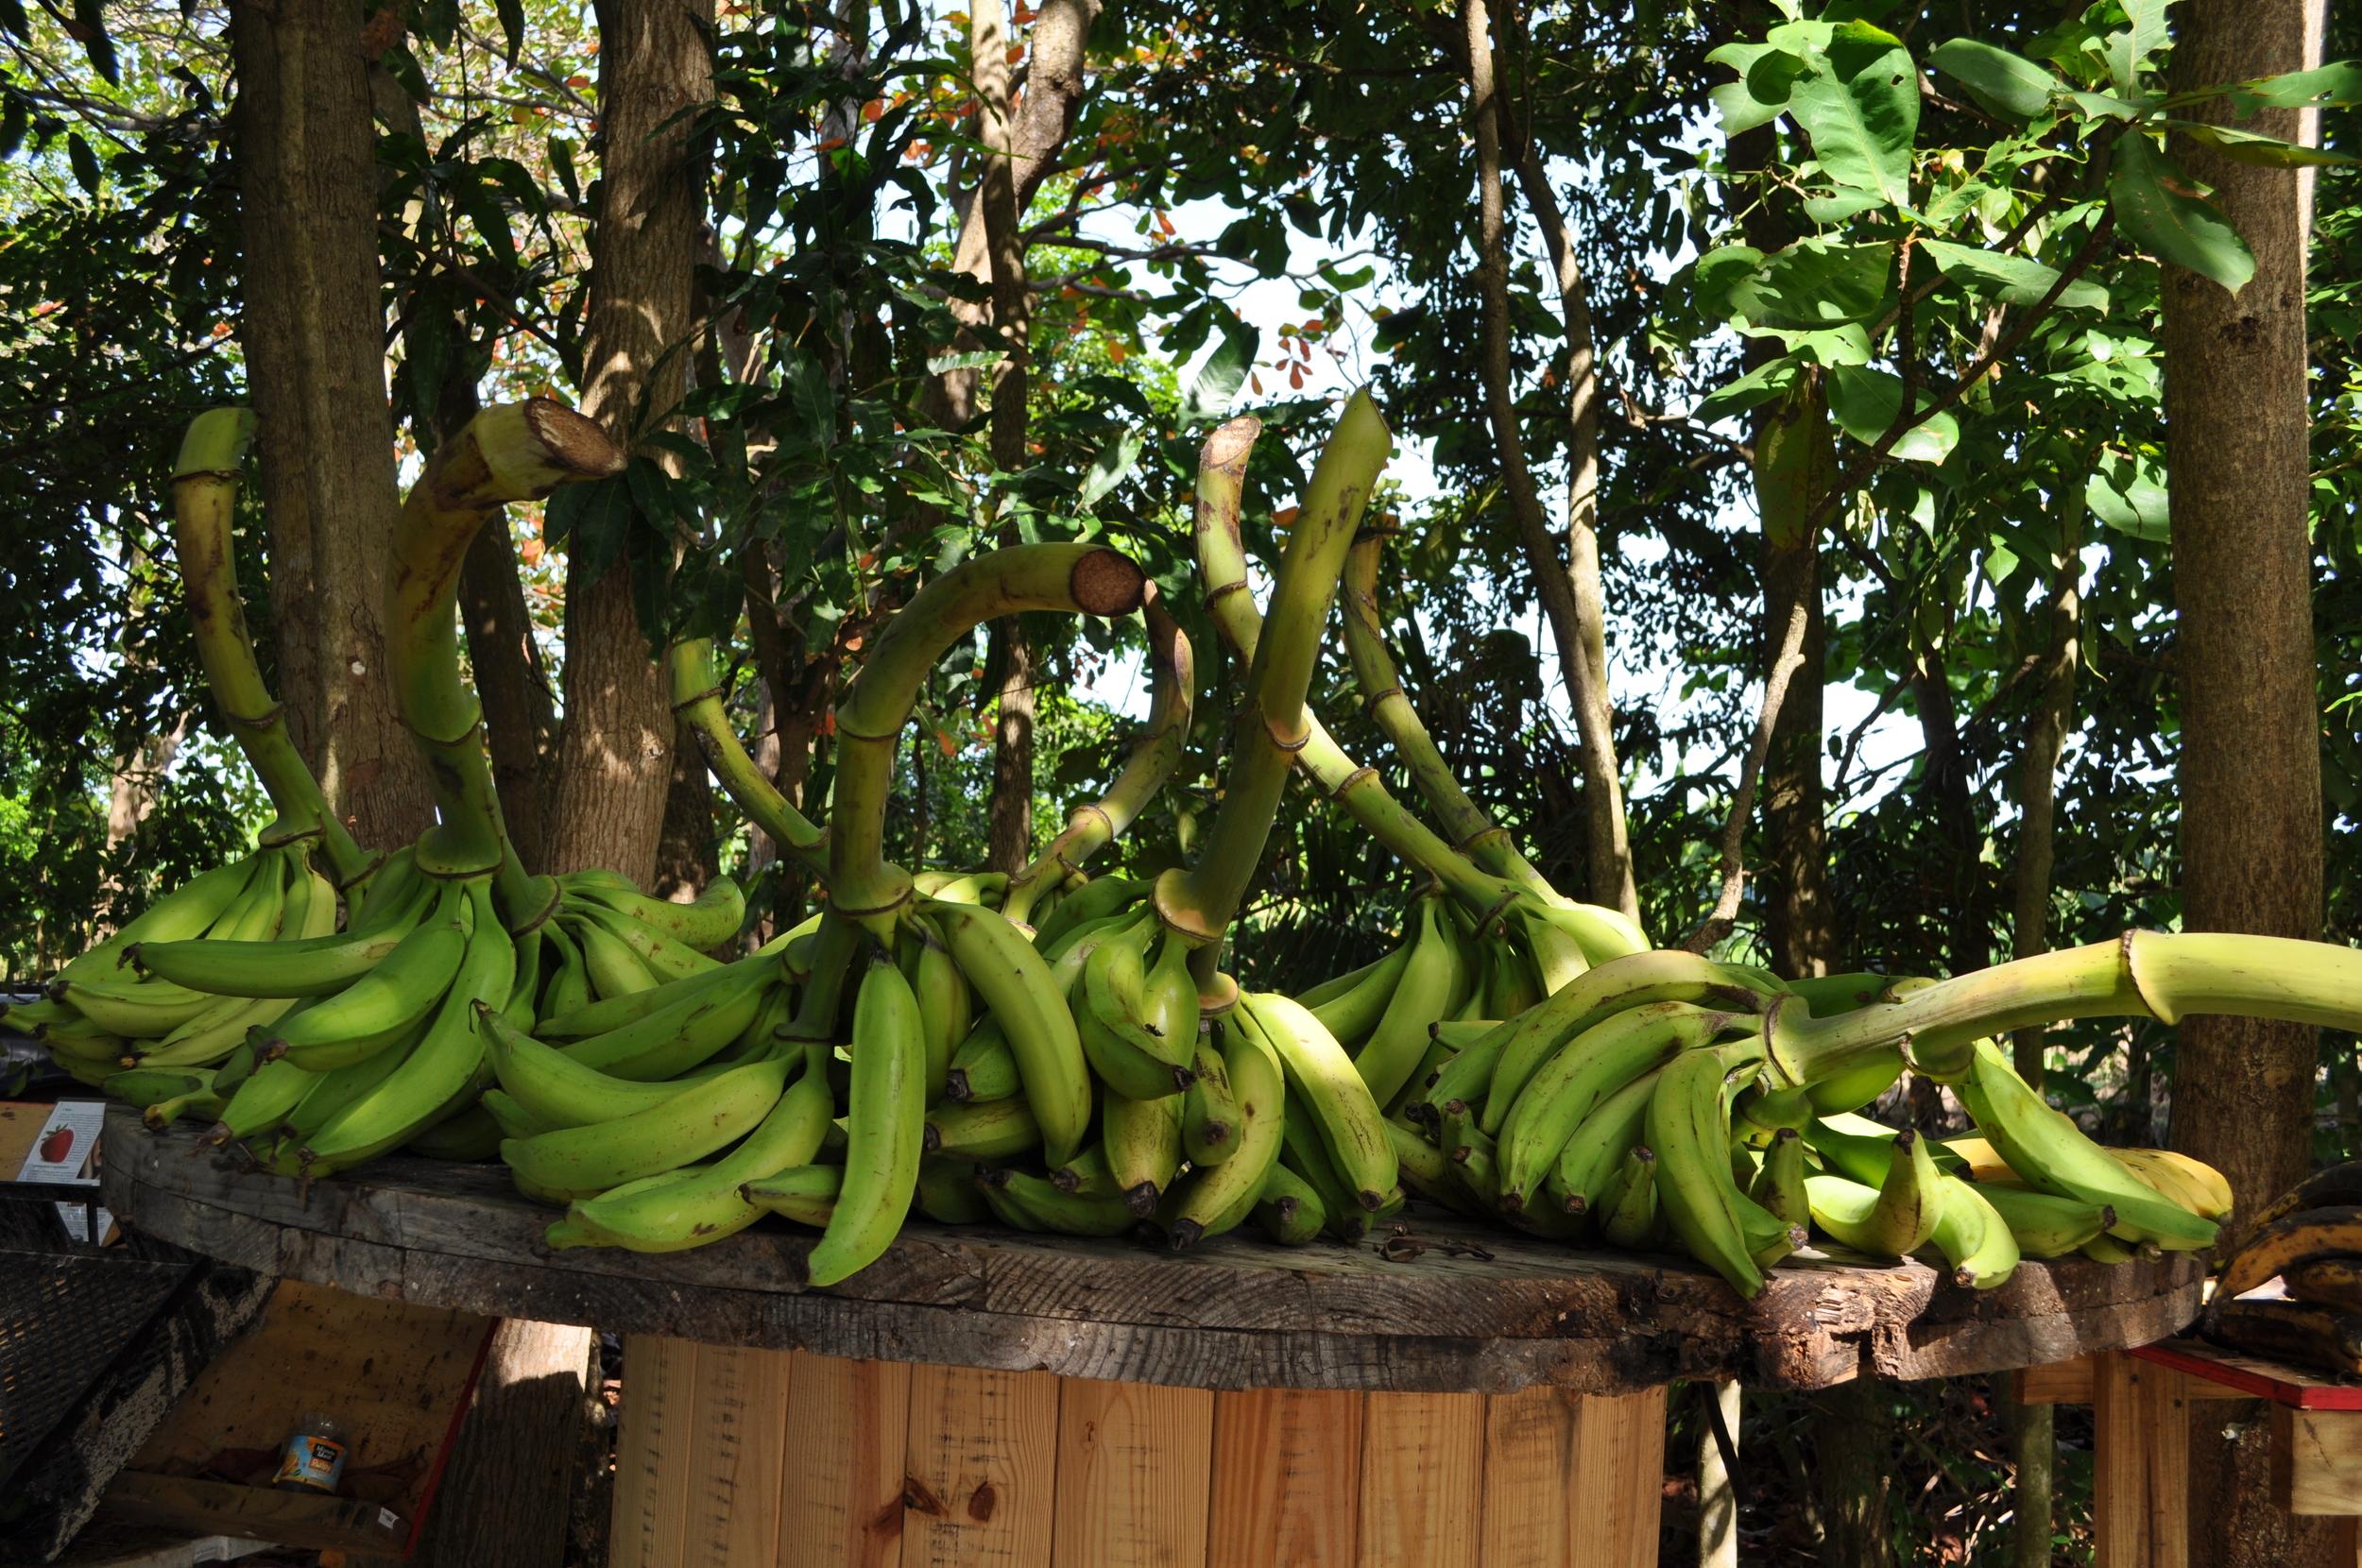 """En el puesto de viandas le compramos a don Carlos algunas papayas y plátanos. Nos contó que la siembra en su finca de cincuenta cuerdas se inunda cuando el río crece; pero a él no le preocupa porque según declara: """"  esa agua nutre la cosecha.""""Foto: Pamy Rojas"""